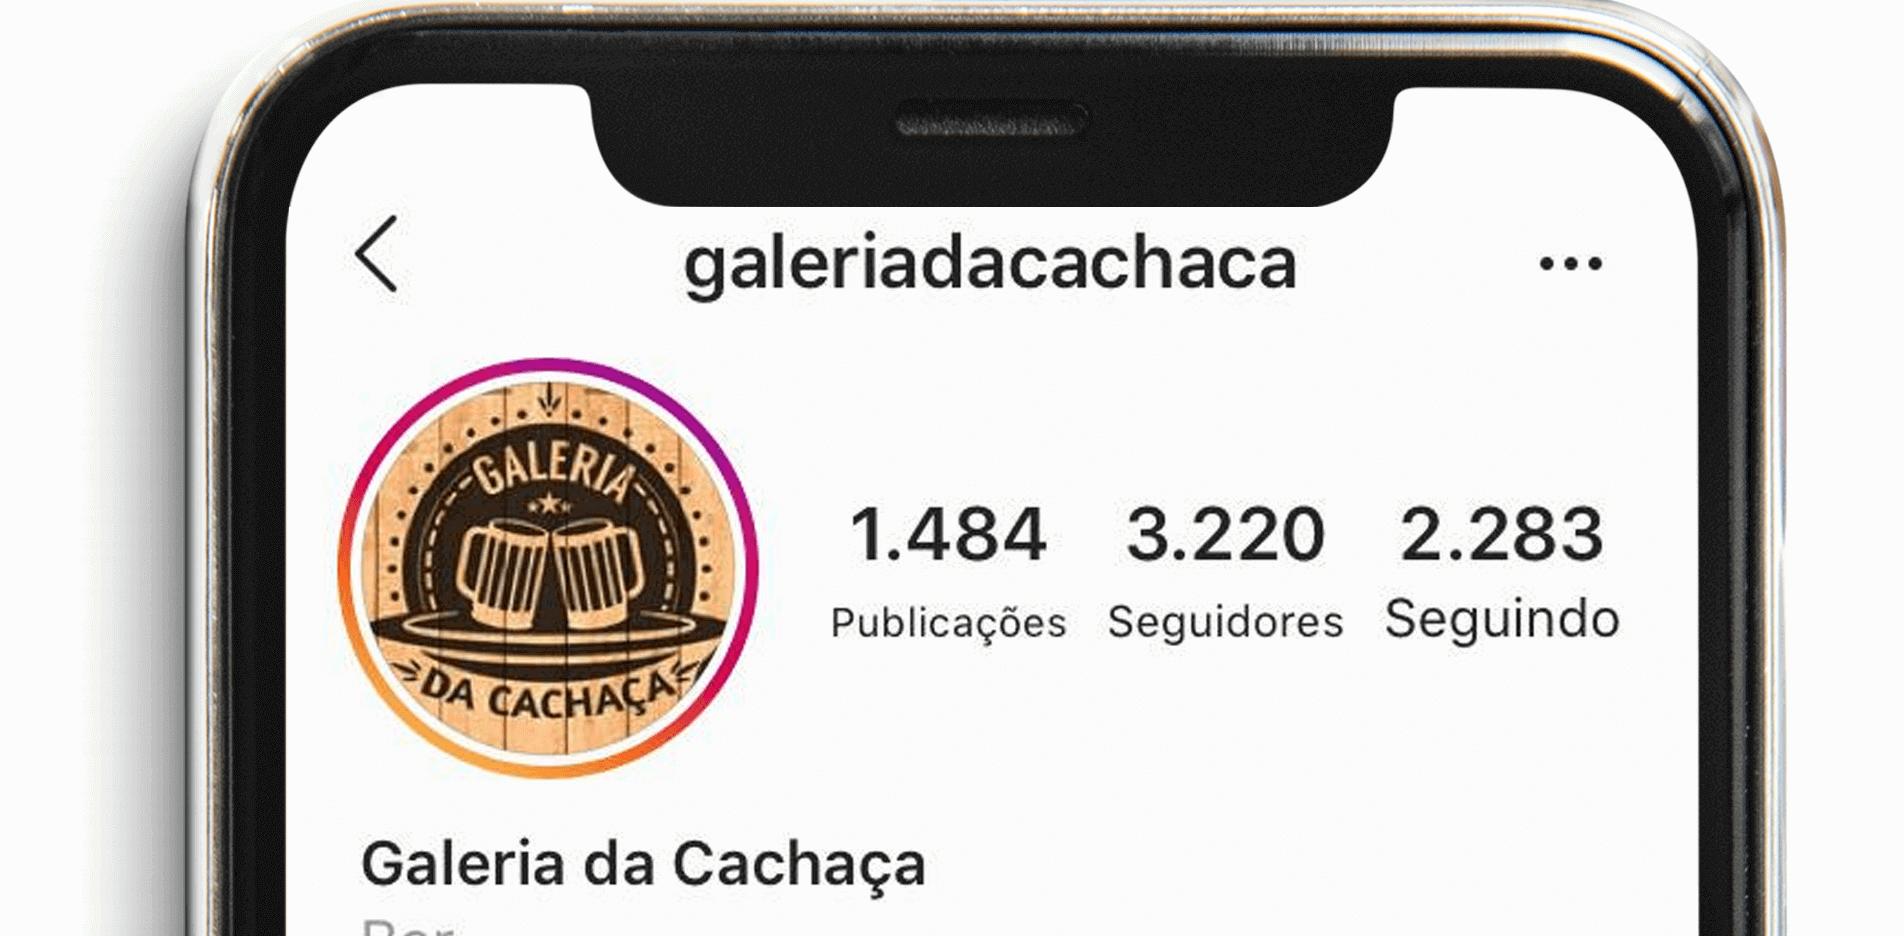 galeria-da-cachaca